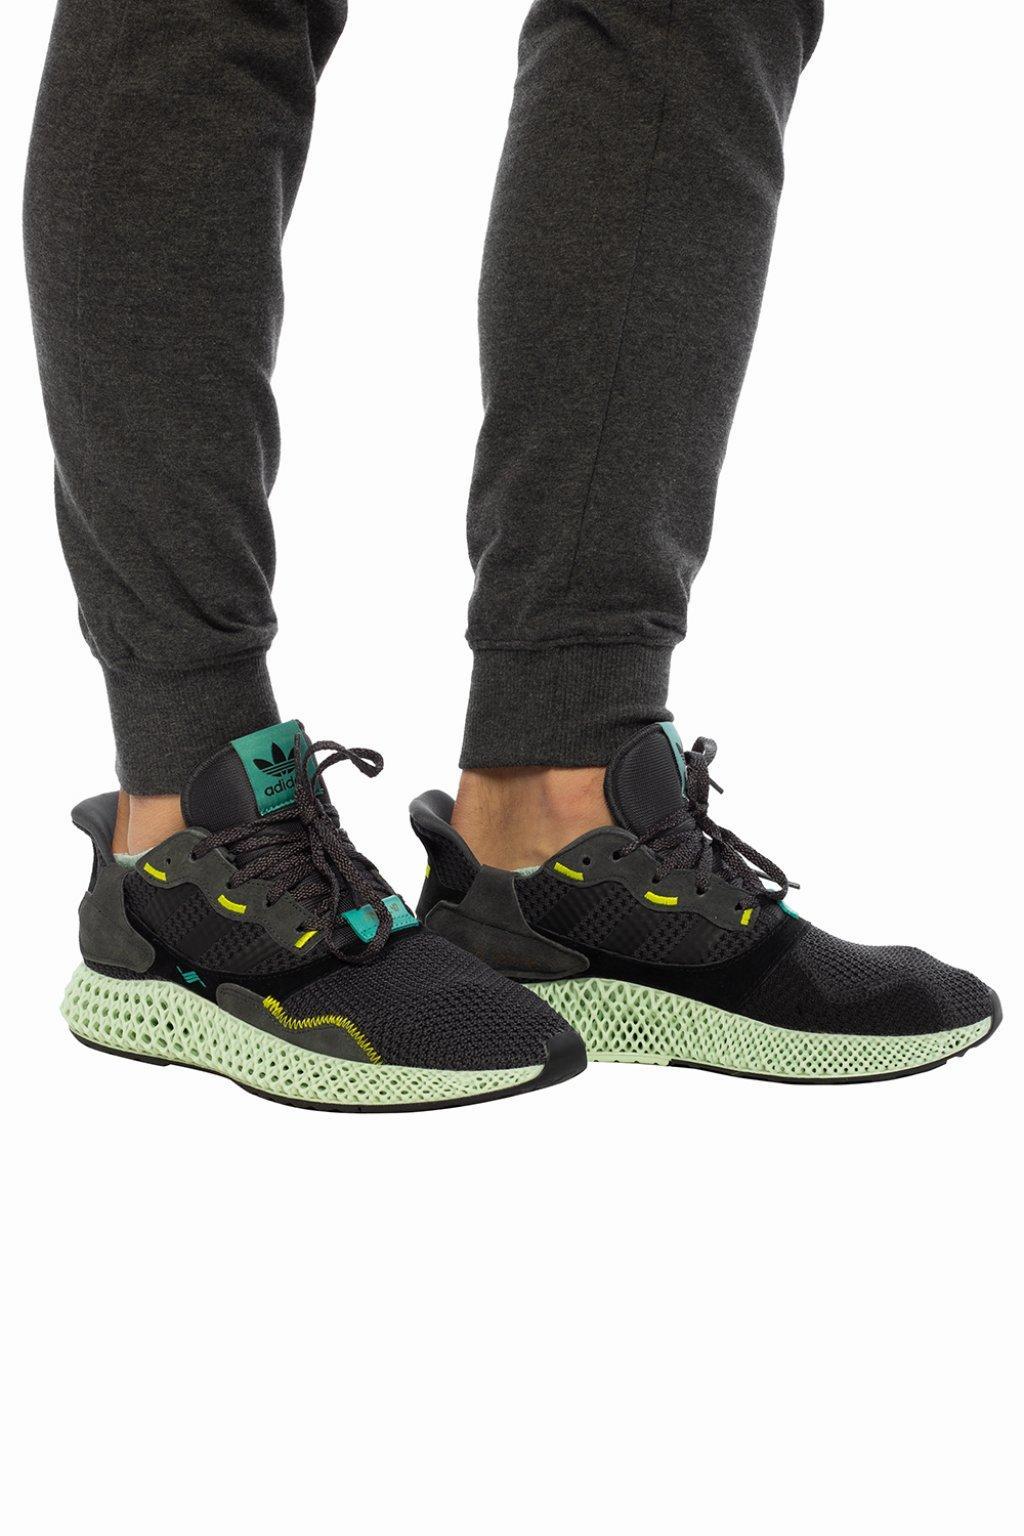 cfd936104 Adidas Originals - Multicolor  zx 4000 4d  Sneakers for Men - Lyst. View  fullscreen